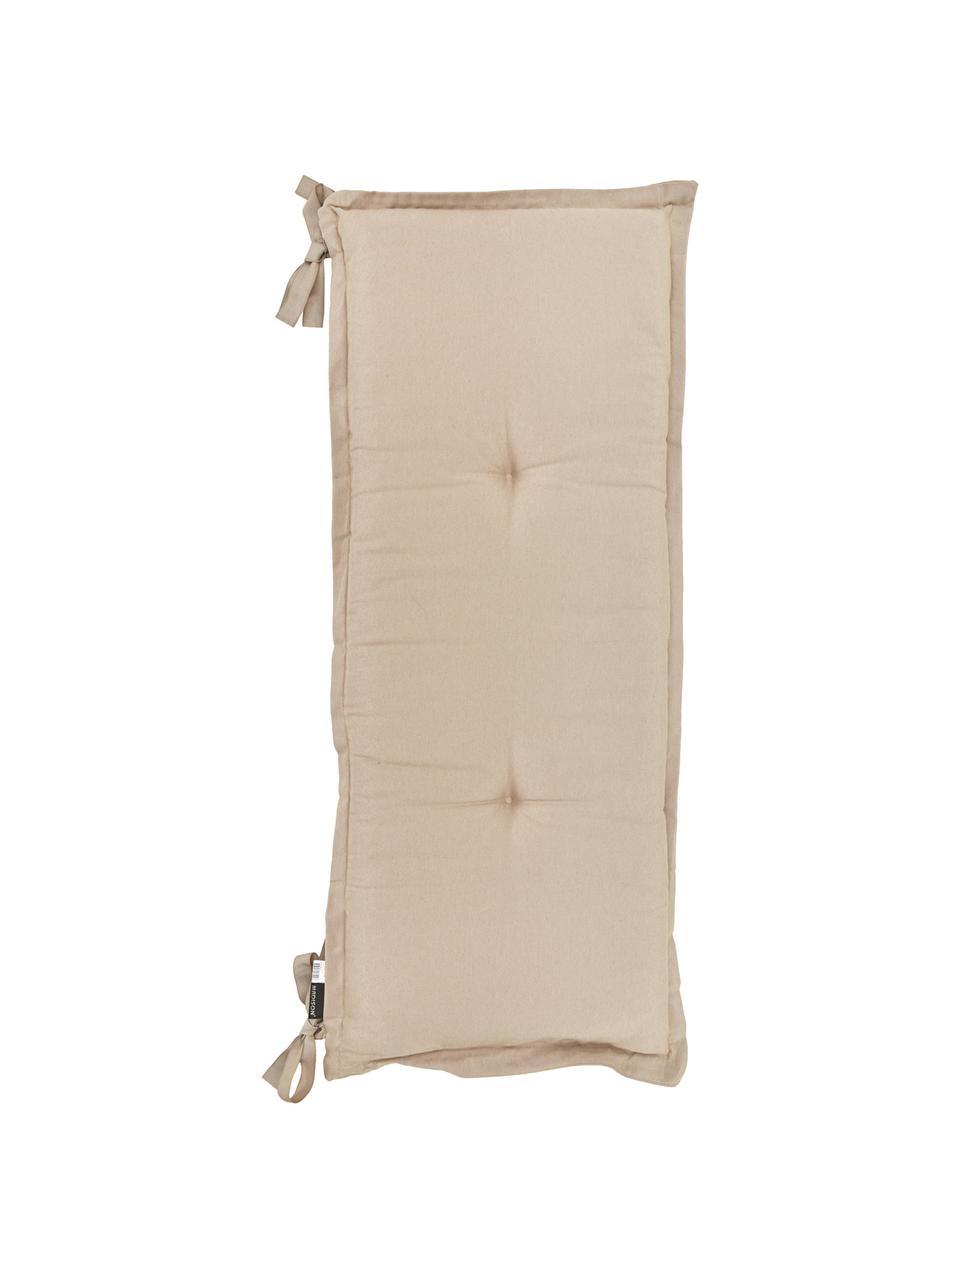 Nakładka na ławkę Panama, Tapicerka: 50% bawełna, 45% polieste, Odcienie piaskowego, S 48 x D 120 cm